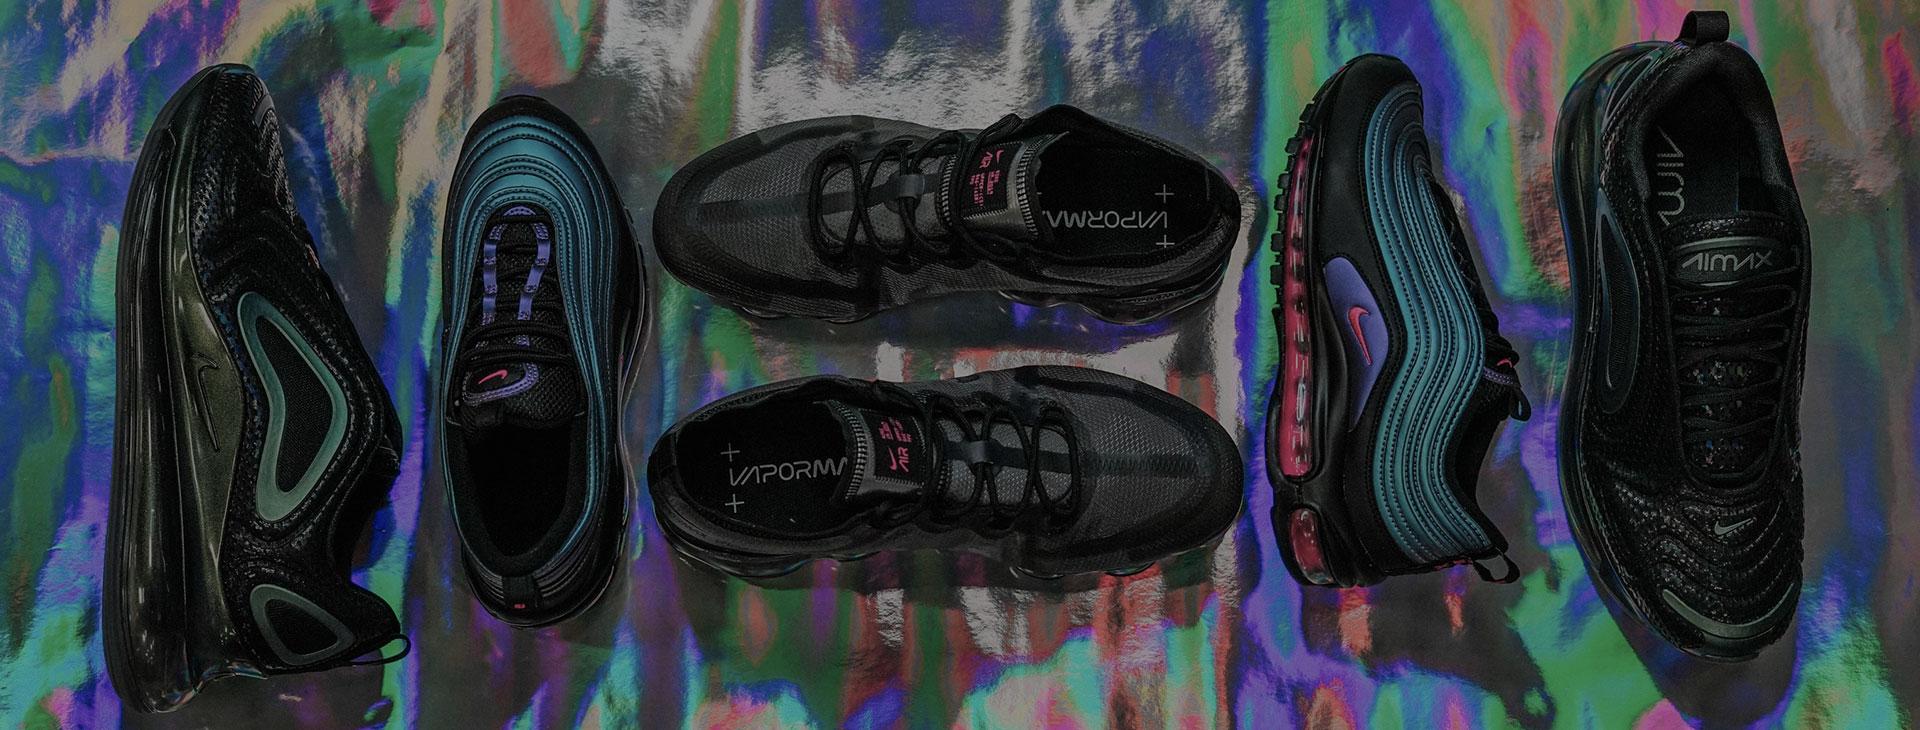 5a2c249a8c1b Nike Air Max Throwback Future Release Info